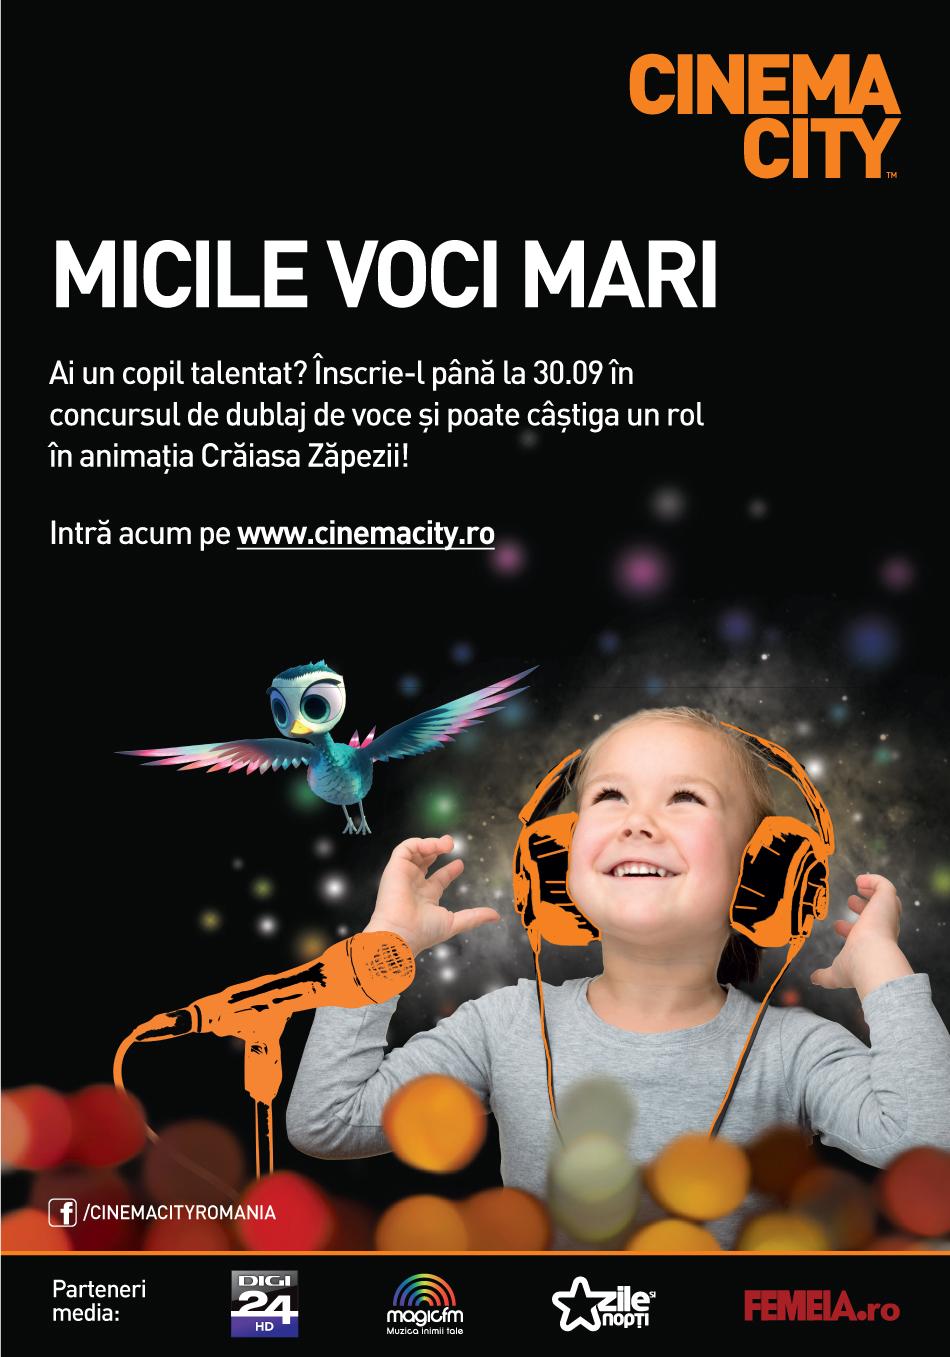 Copilul tau poate ajunge vedeta cu Cinema City